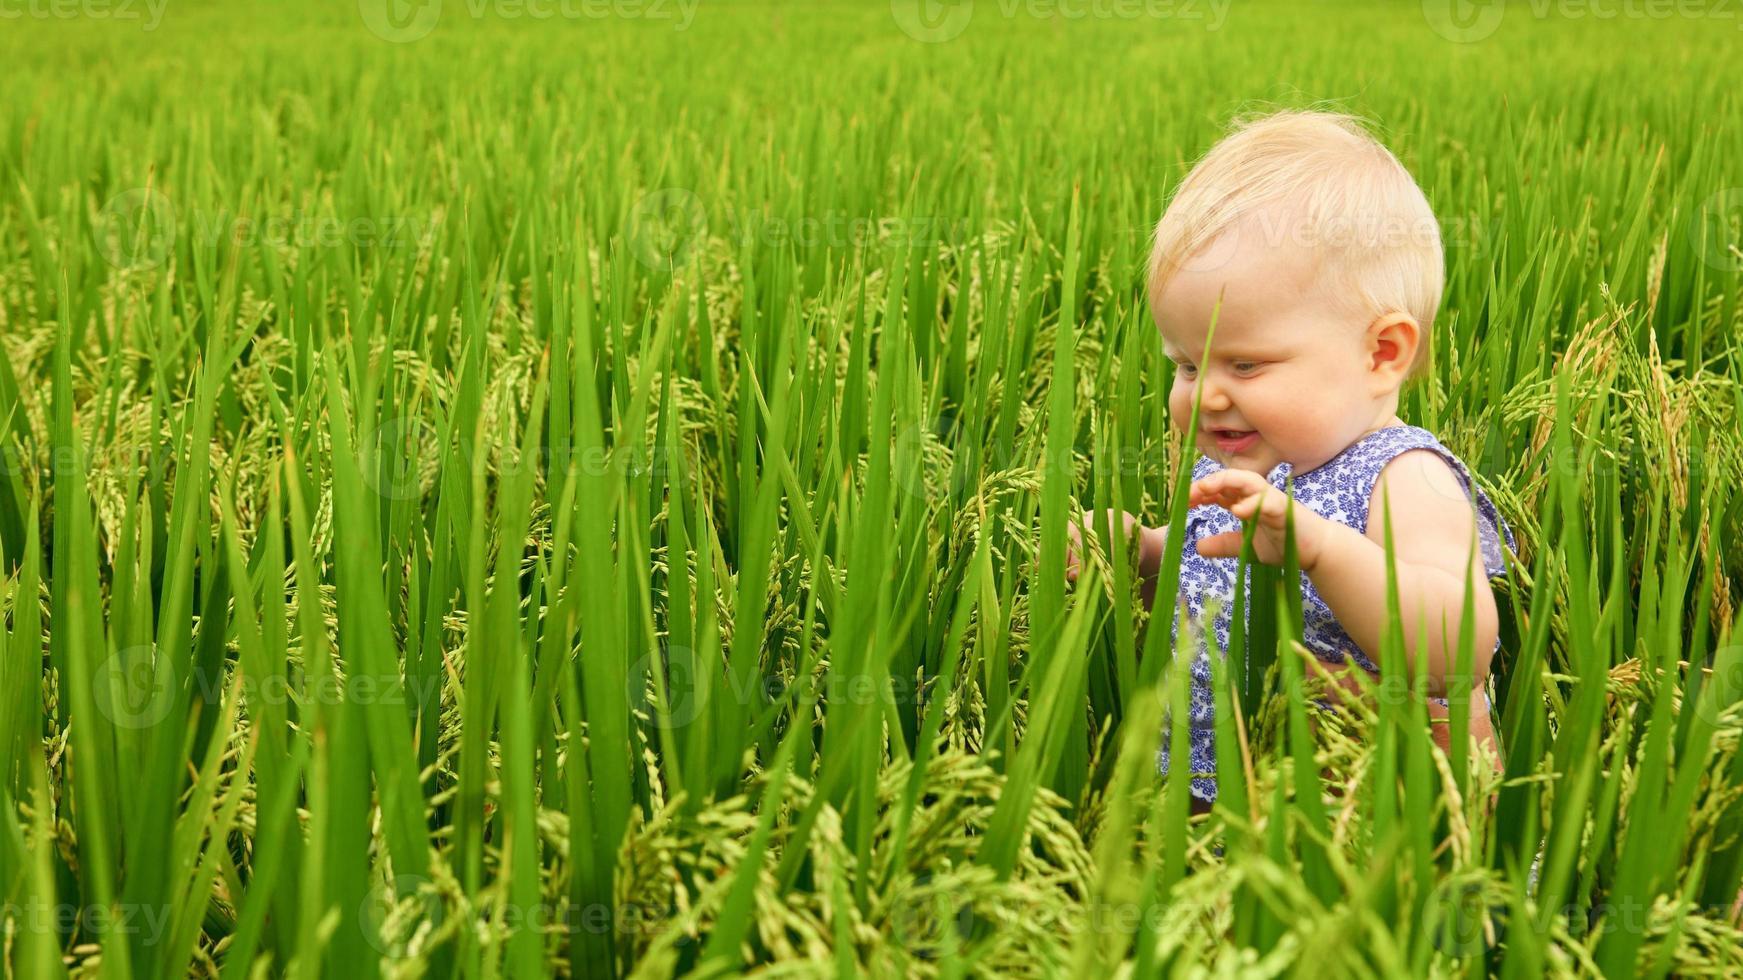 petite fille dans la rizière photo